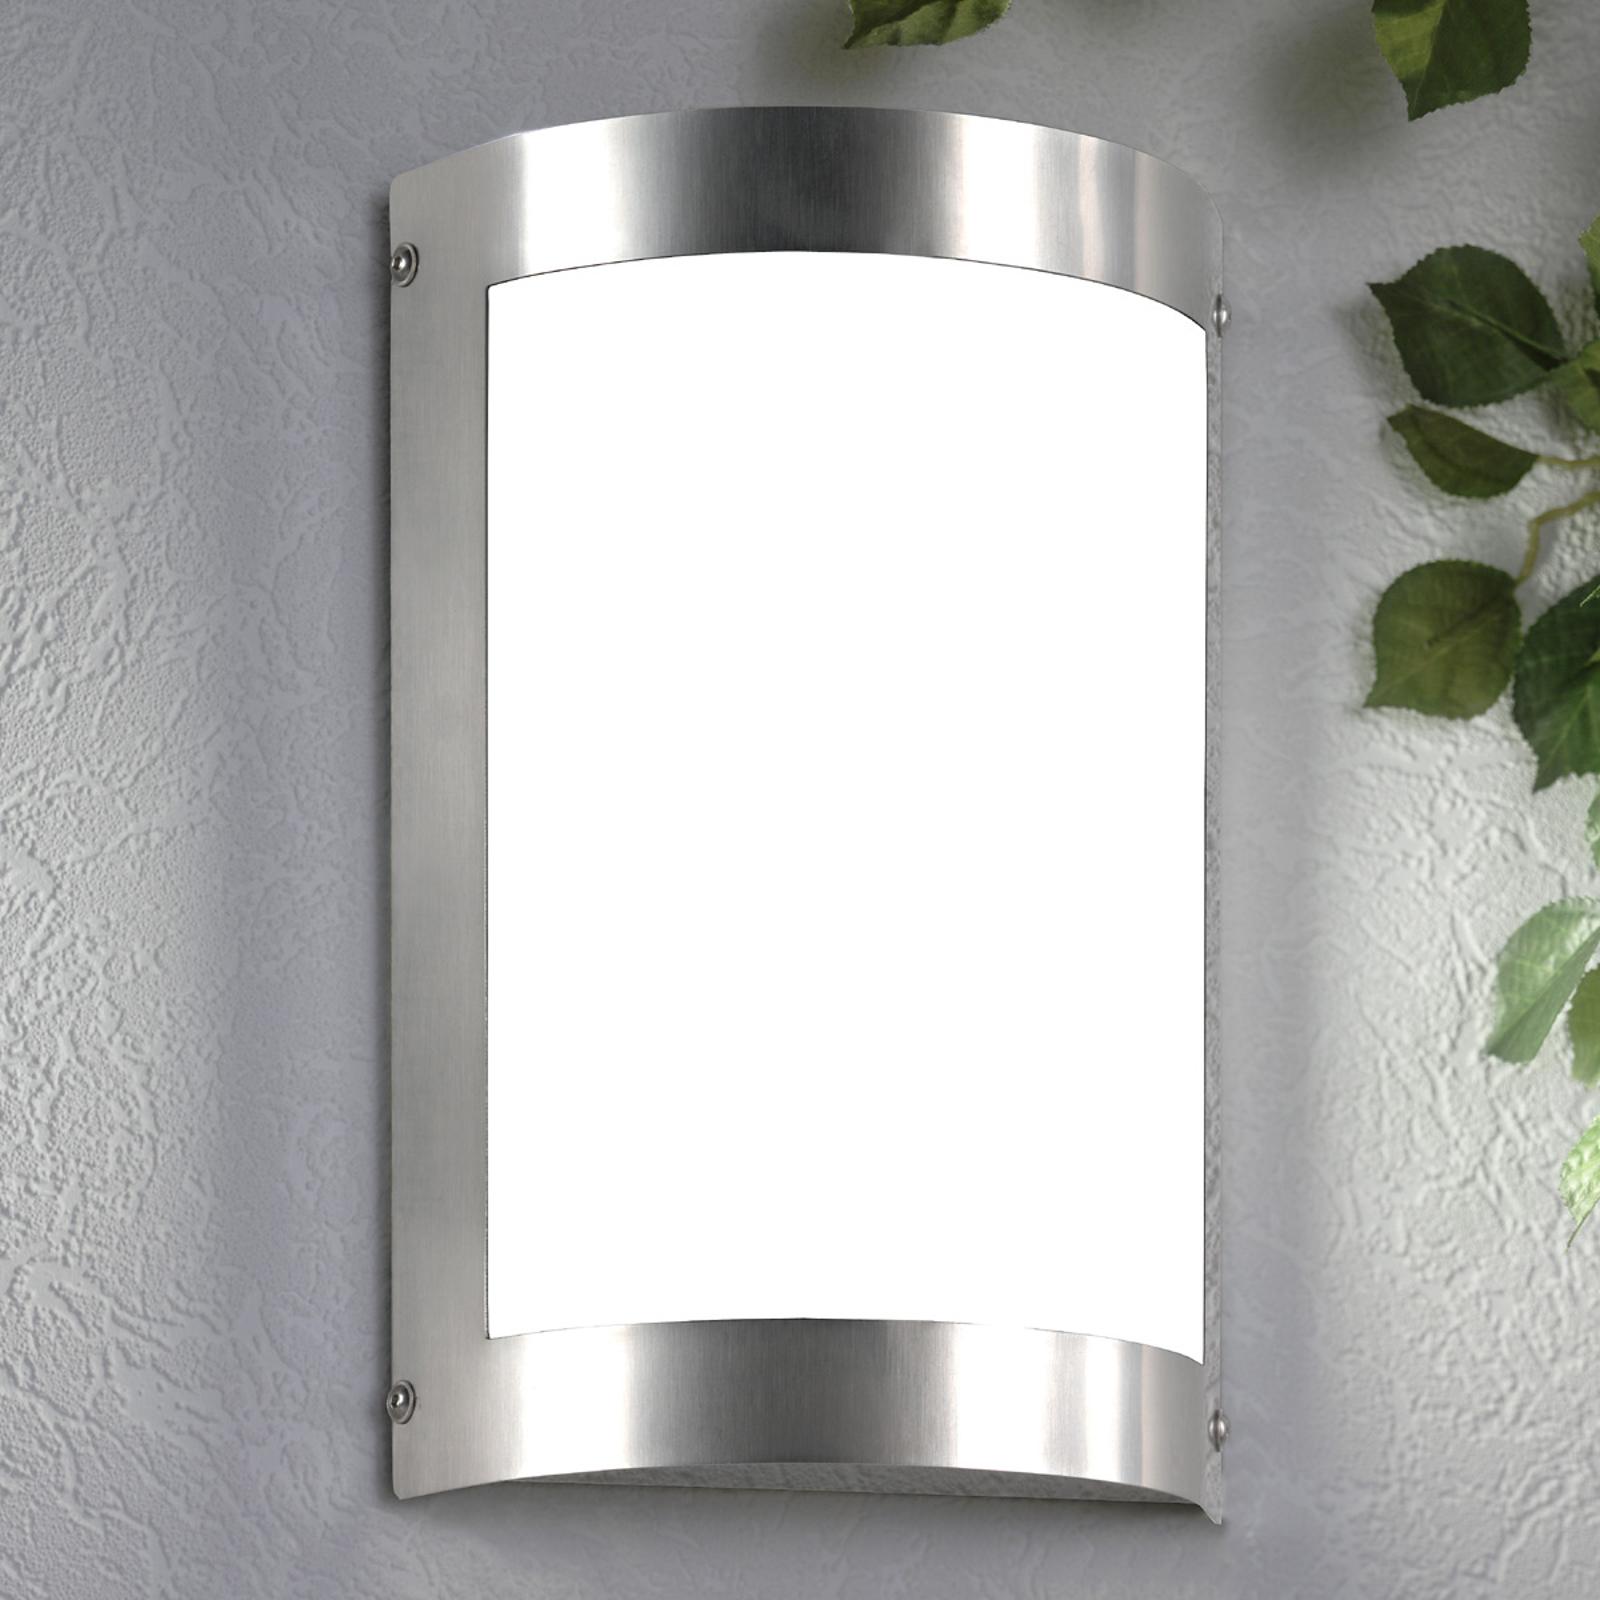 Applique d'extérieur LED élégante Marco 3